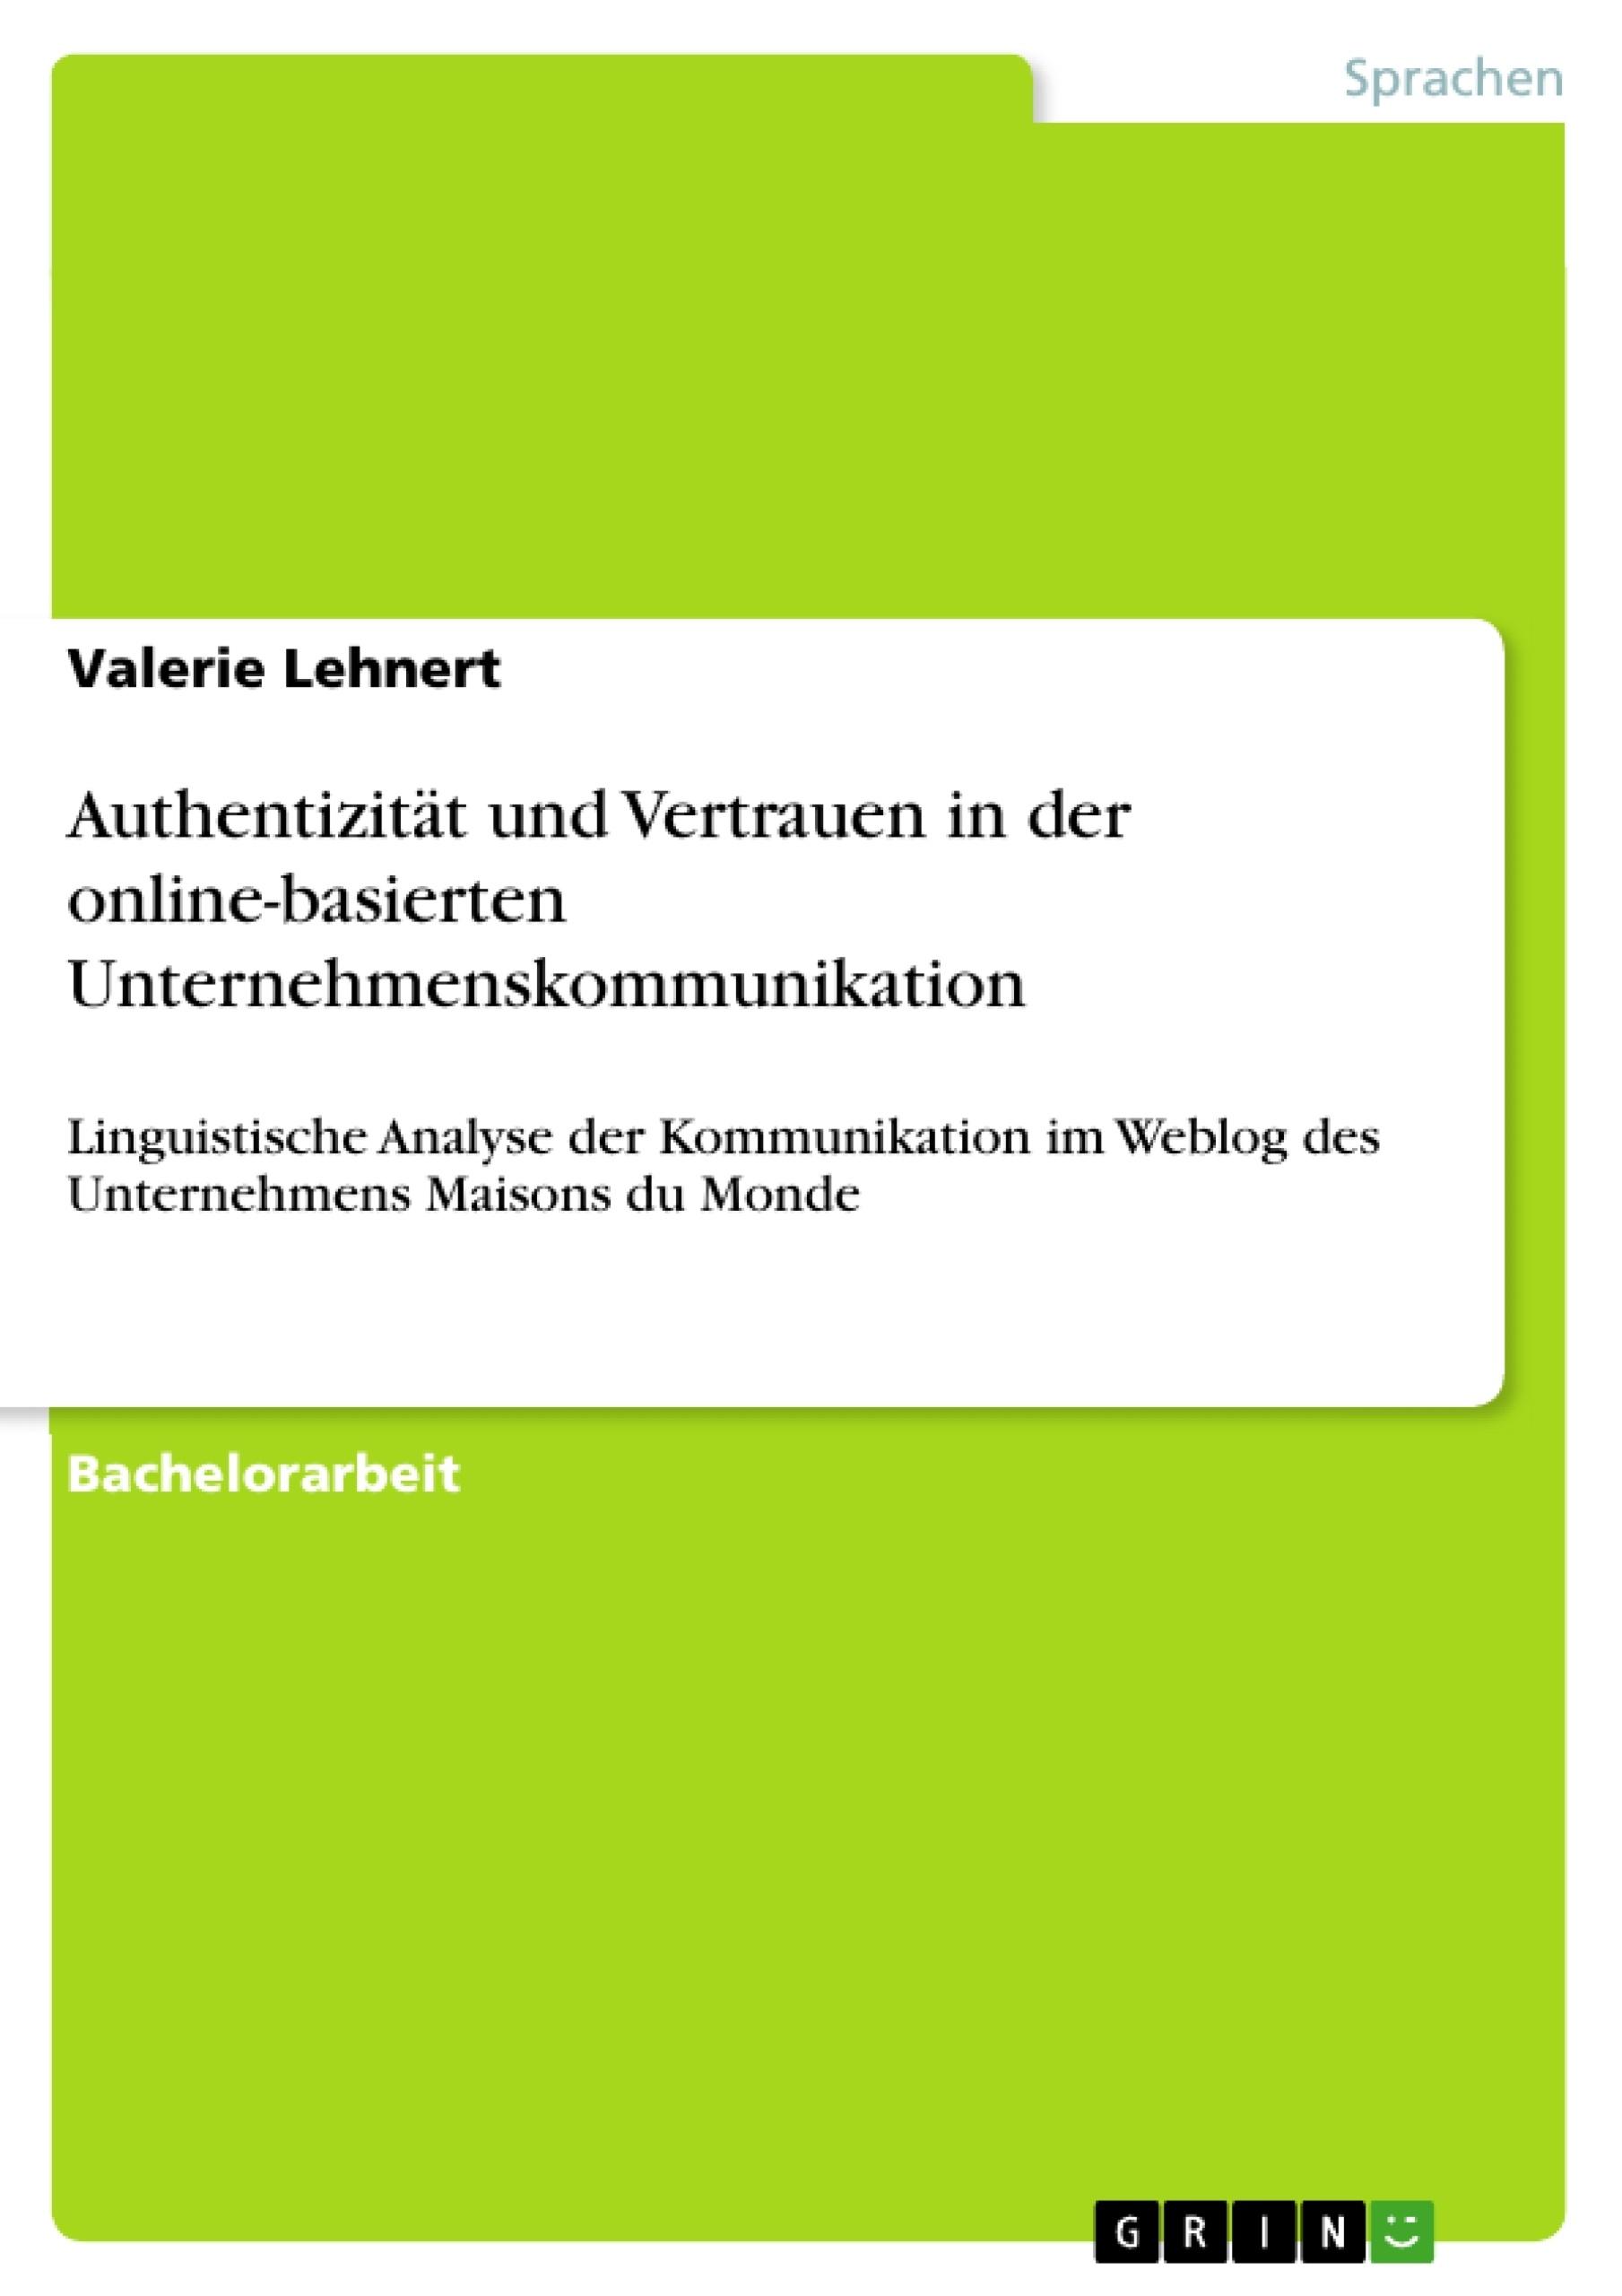 Titel: Authentizität und Vertrauen in der online-basierten Unternehmenskommunikation